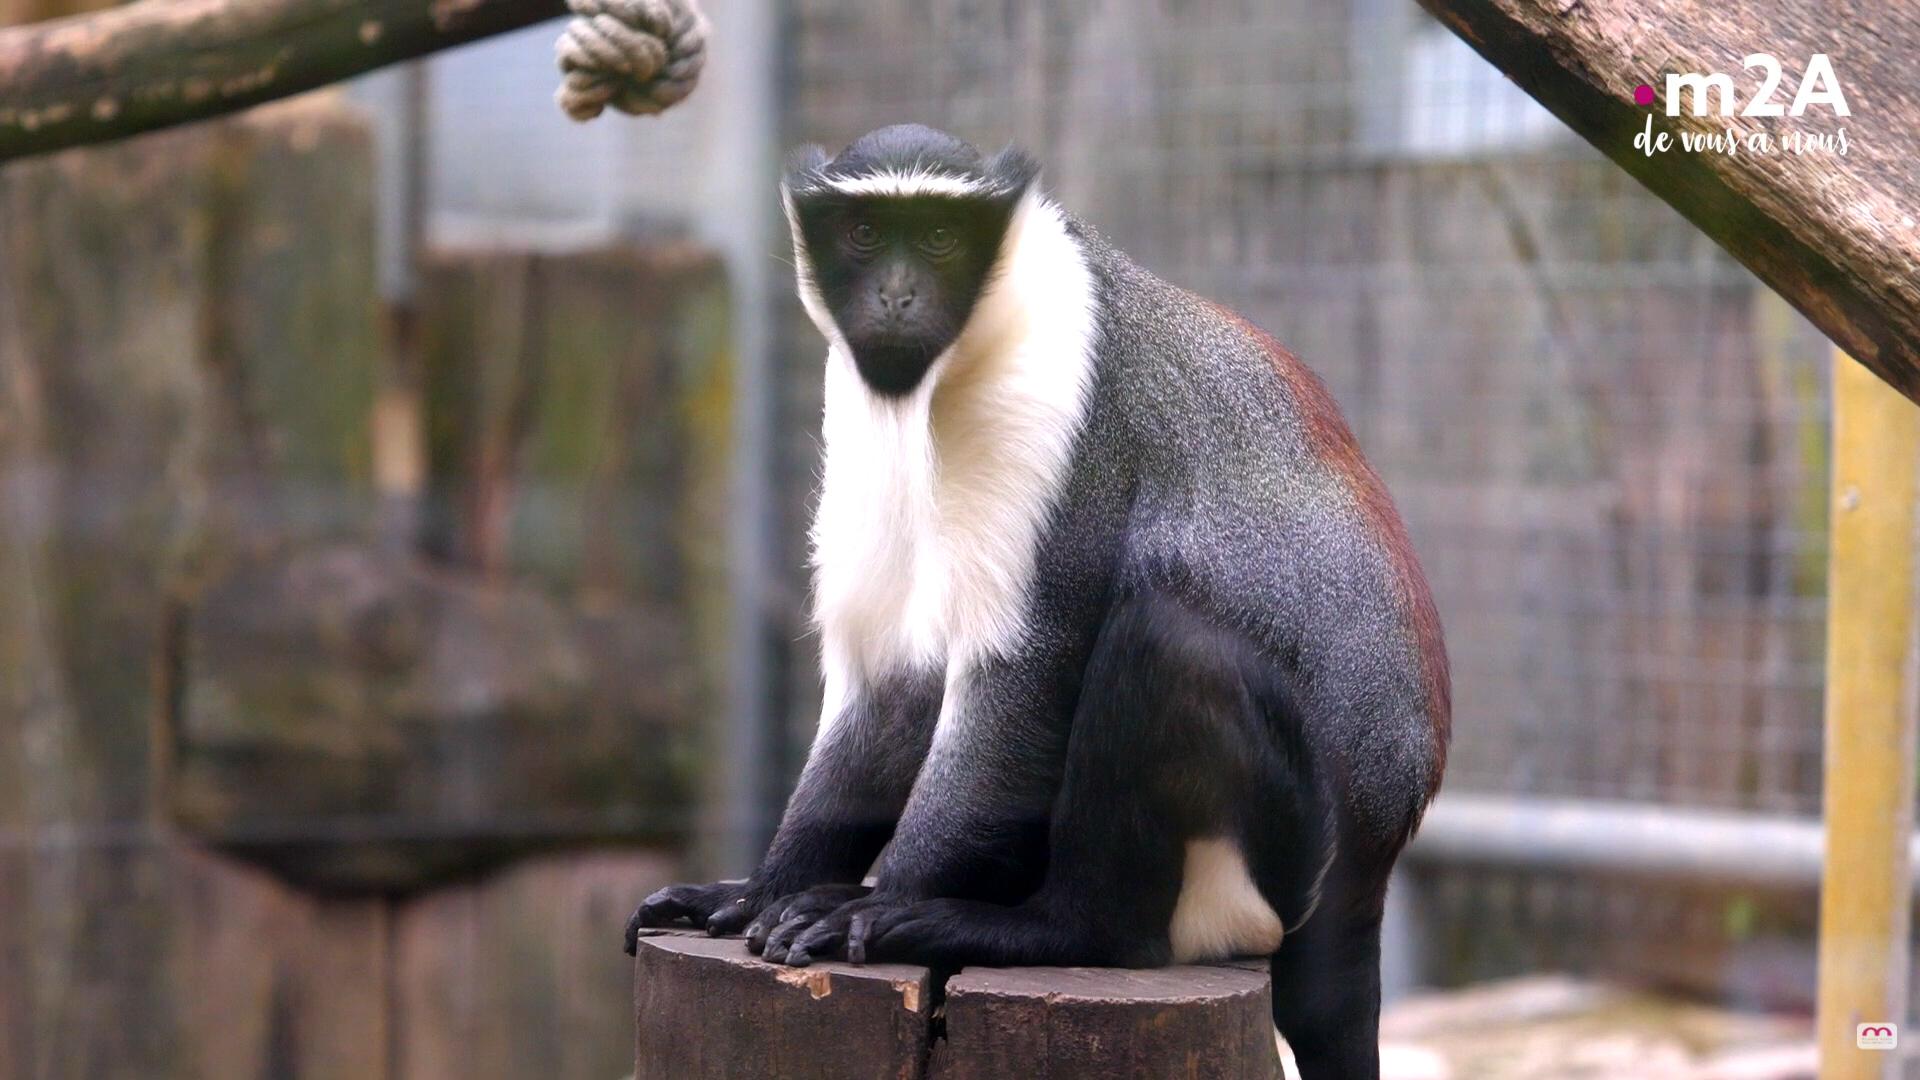 Conservaiton ex-situ au zoo de Mulhouse : cercopithèque de roloway